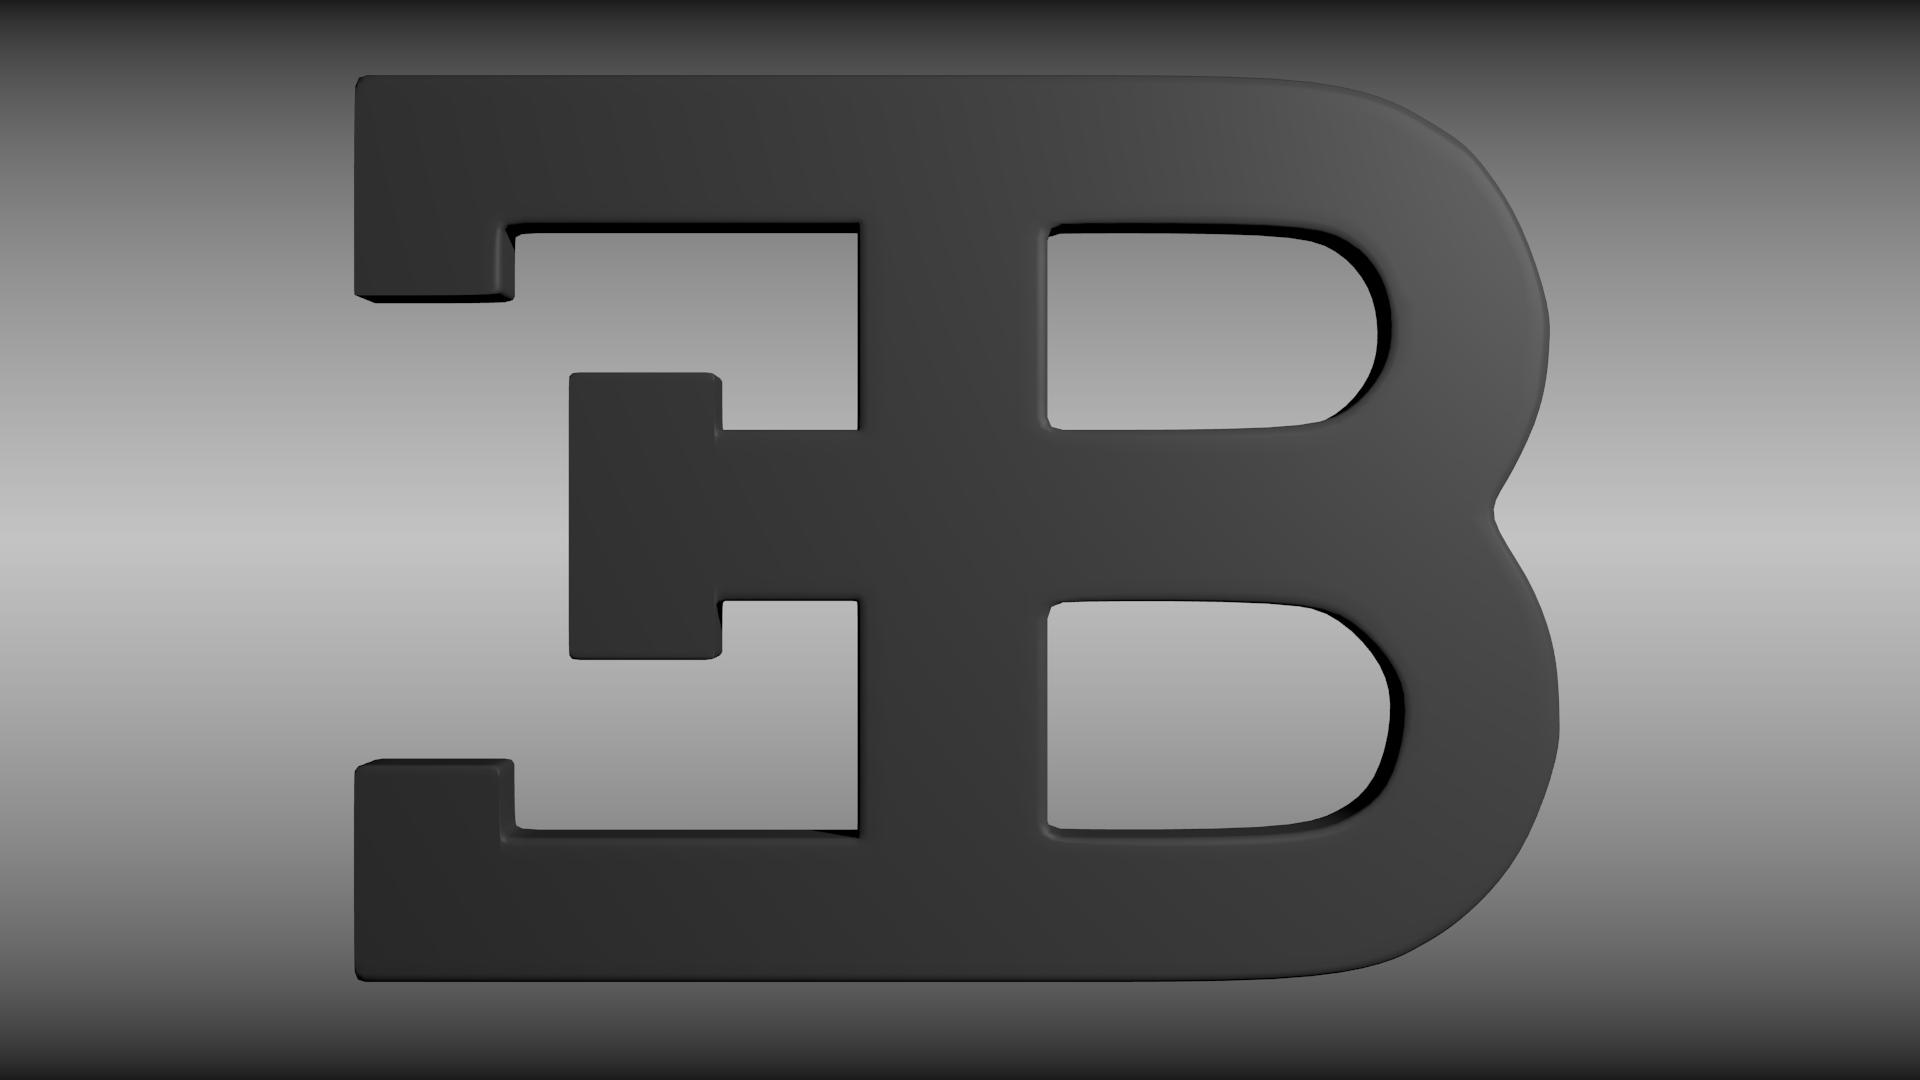 Bugatti Logo Desktop Wallpaper 59075 1920x1080 px ...